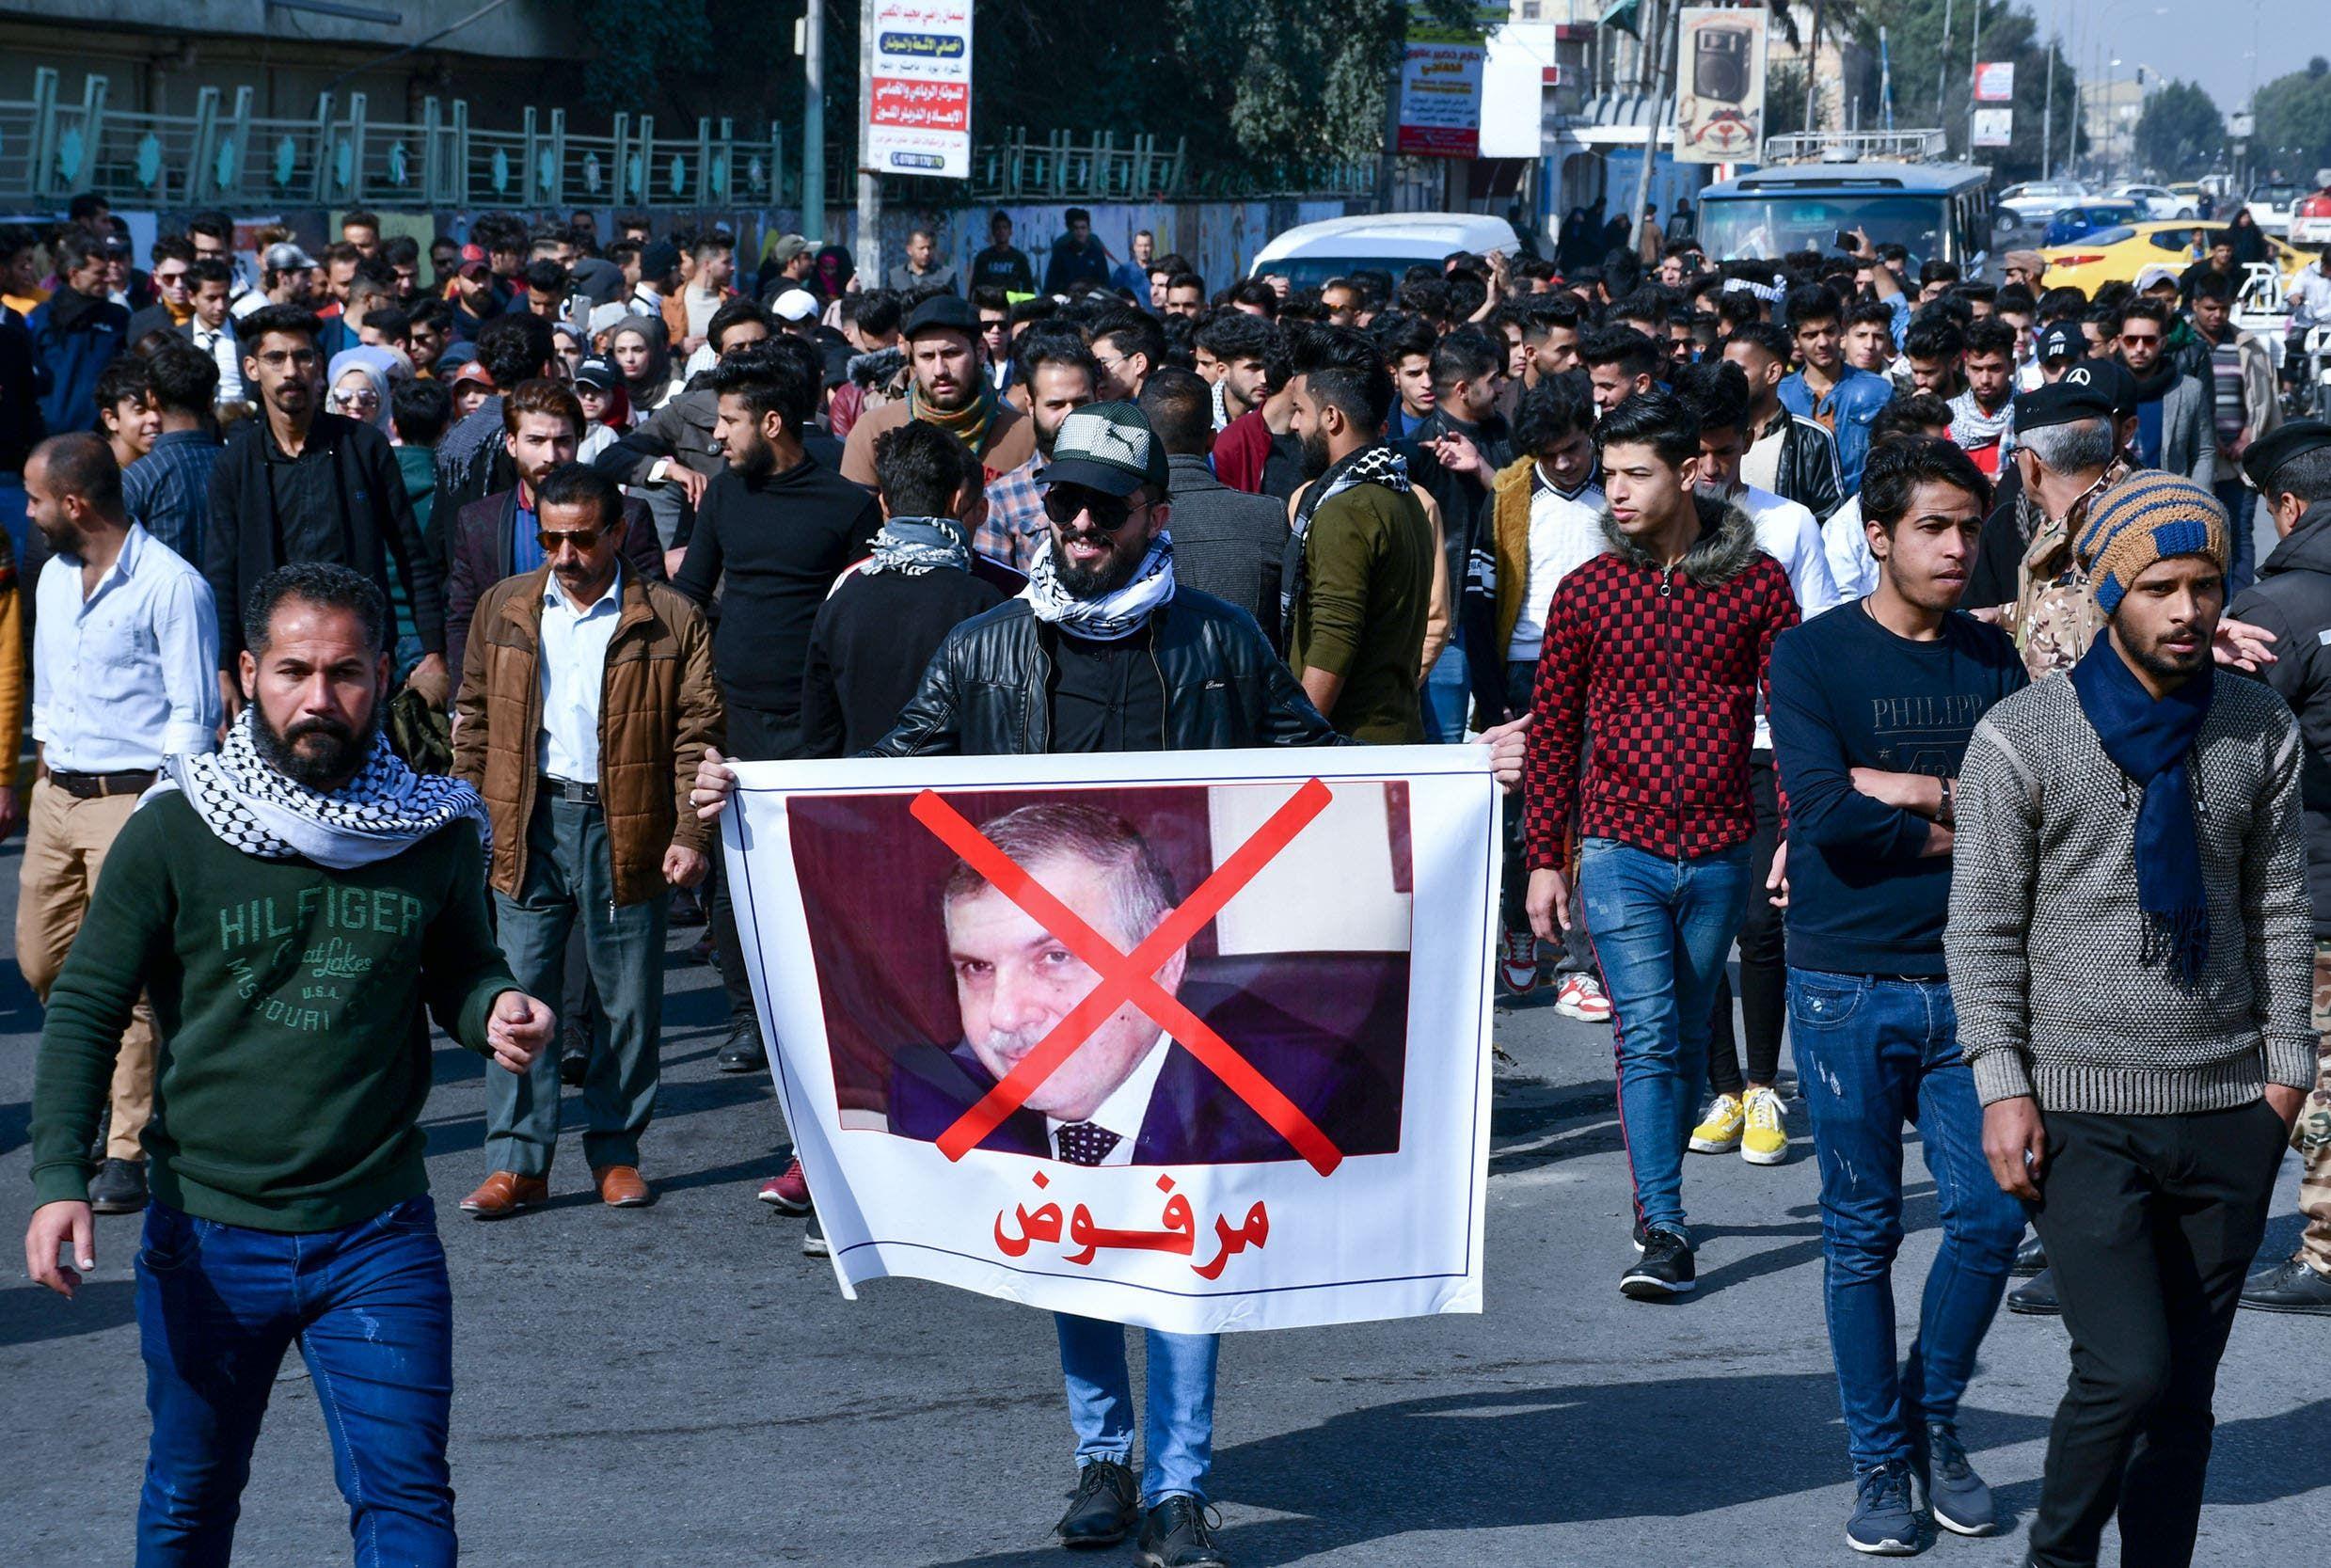 متظاهرون يرفعون صور لعلاوي تعبيراً عن رفضهم تكليفه (أرشيفية- فرانس برس)